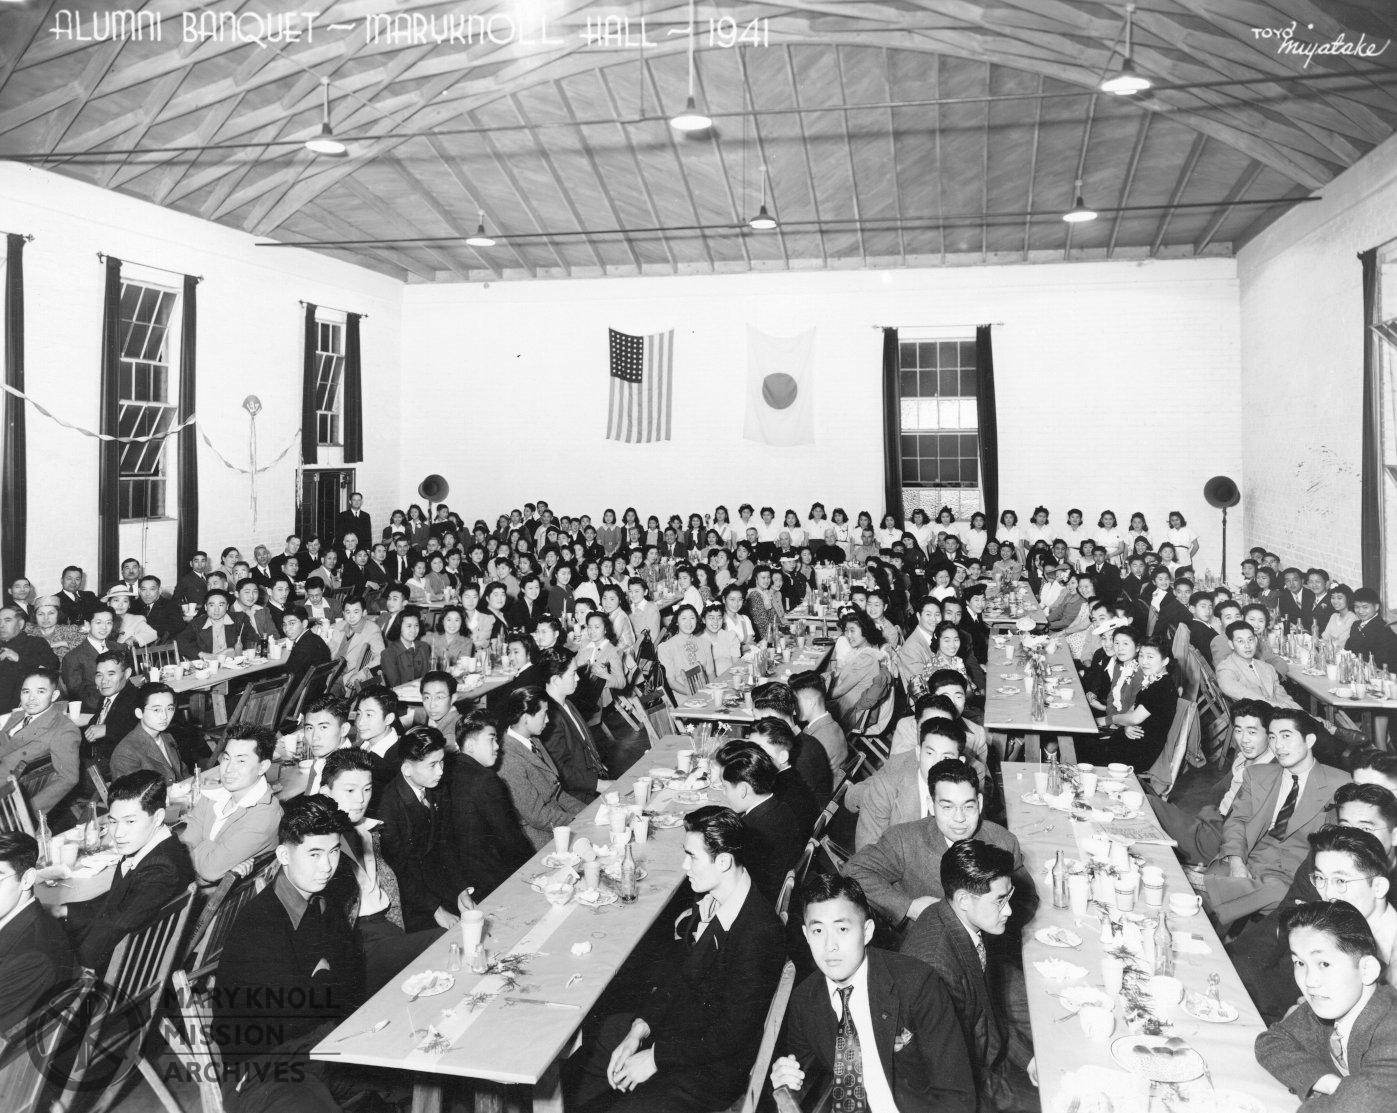 Alumni Banquet, Maryknoll Hall, 1941